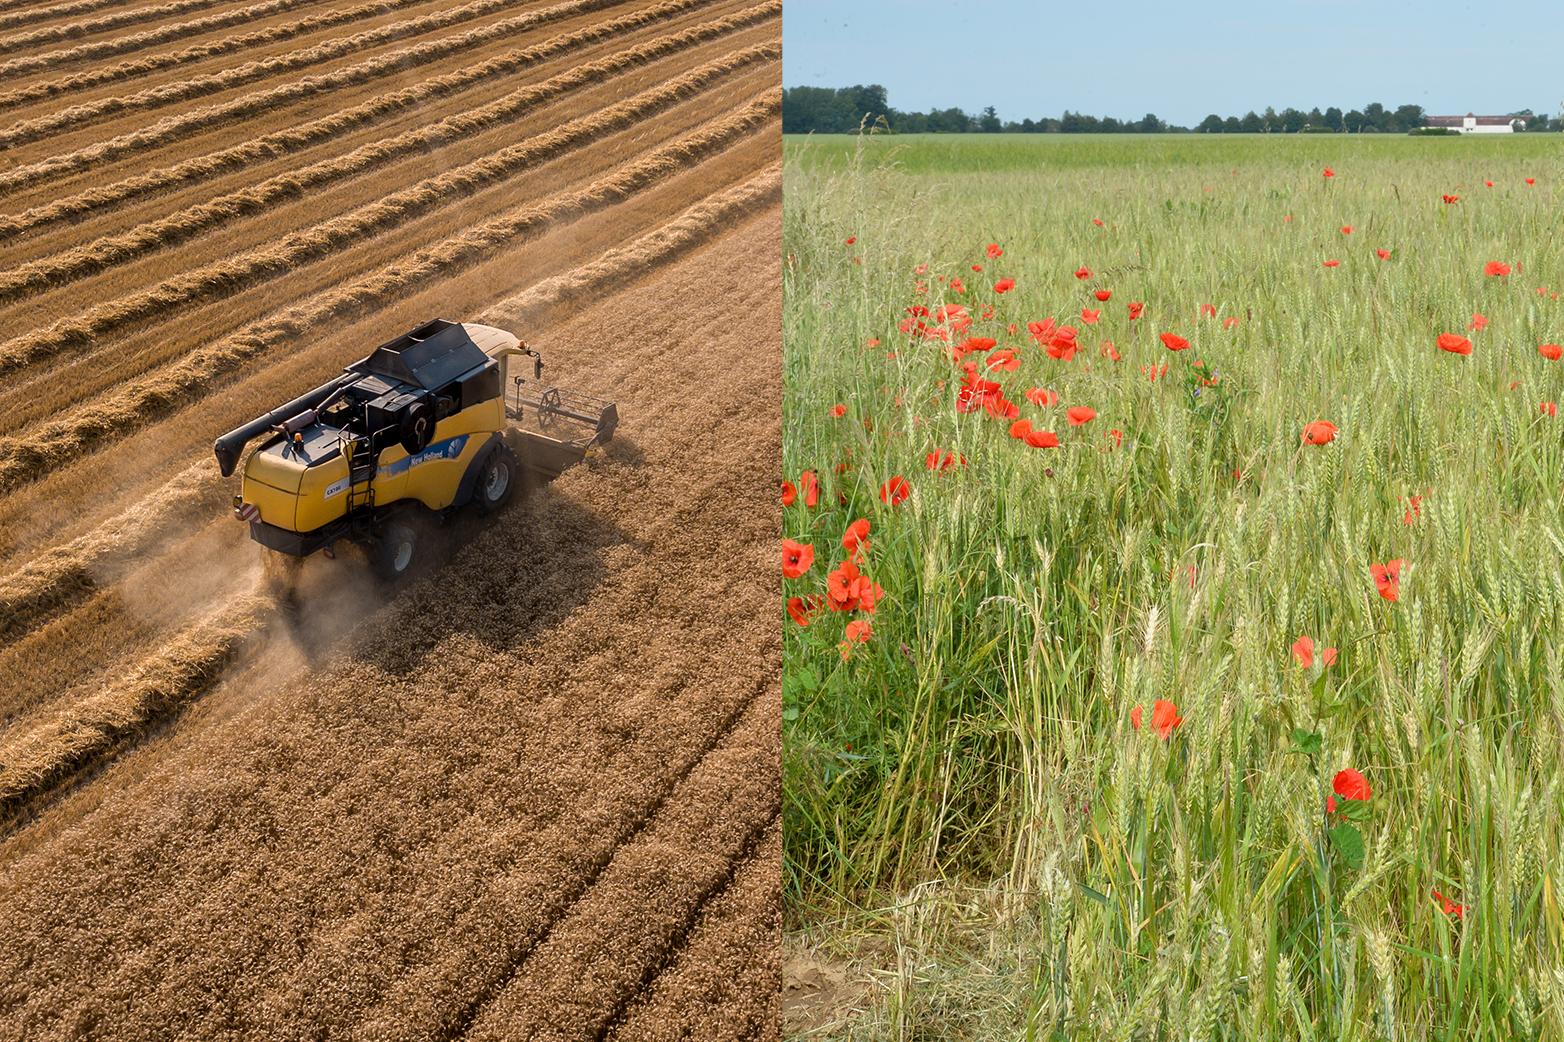 Le rôle vital de l'agriculture: du Covid-19 à la transition écologique